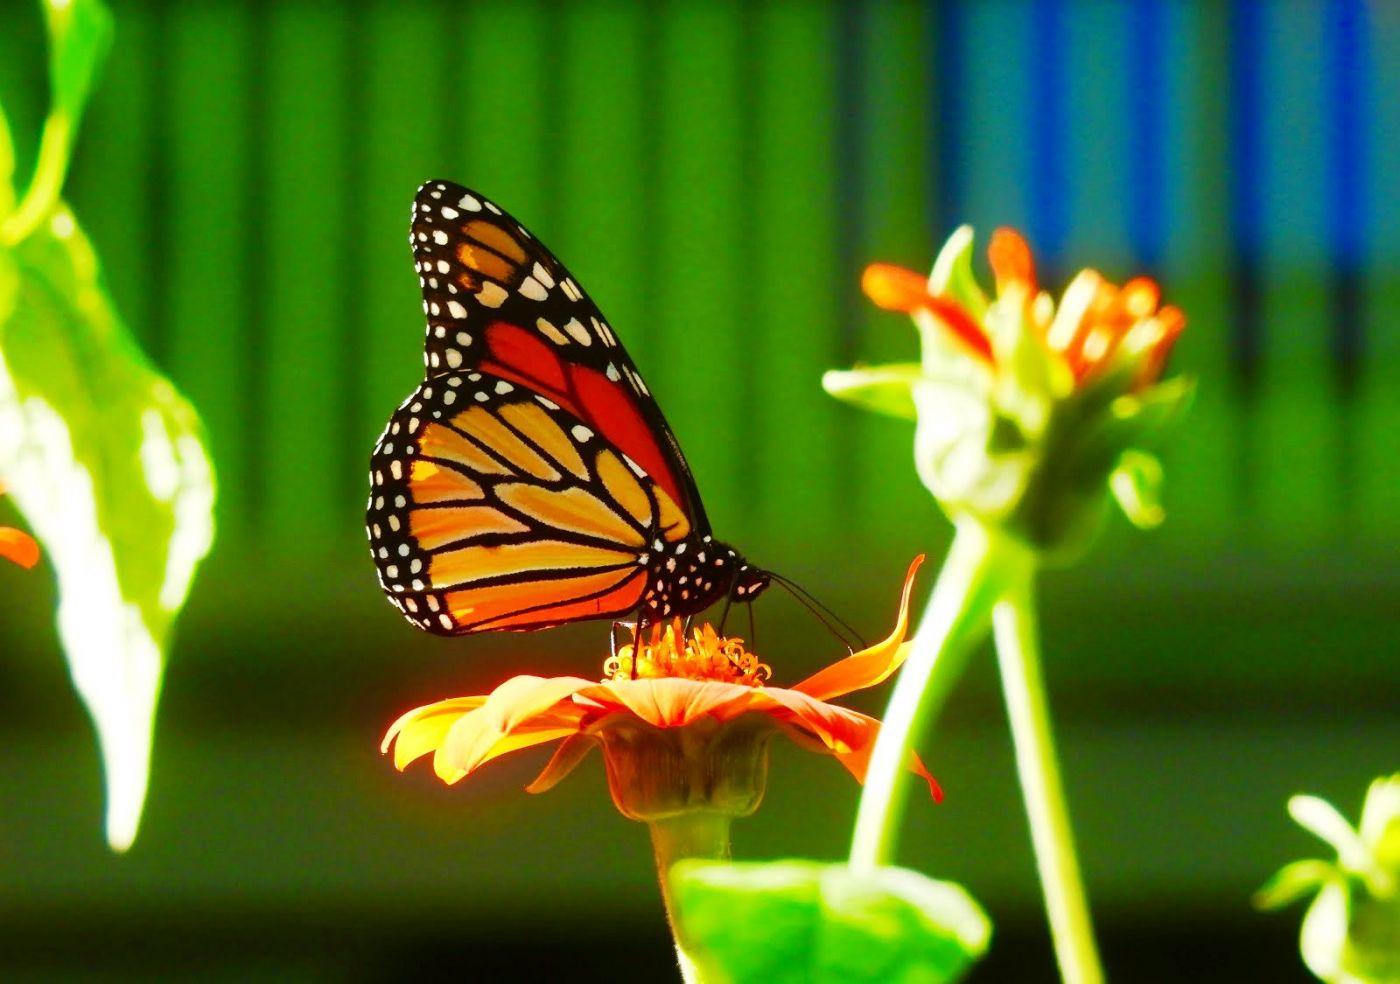 赫尔希花园看蝴蝶_图1-23